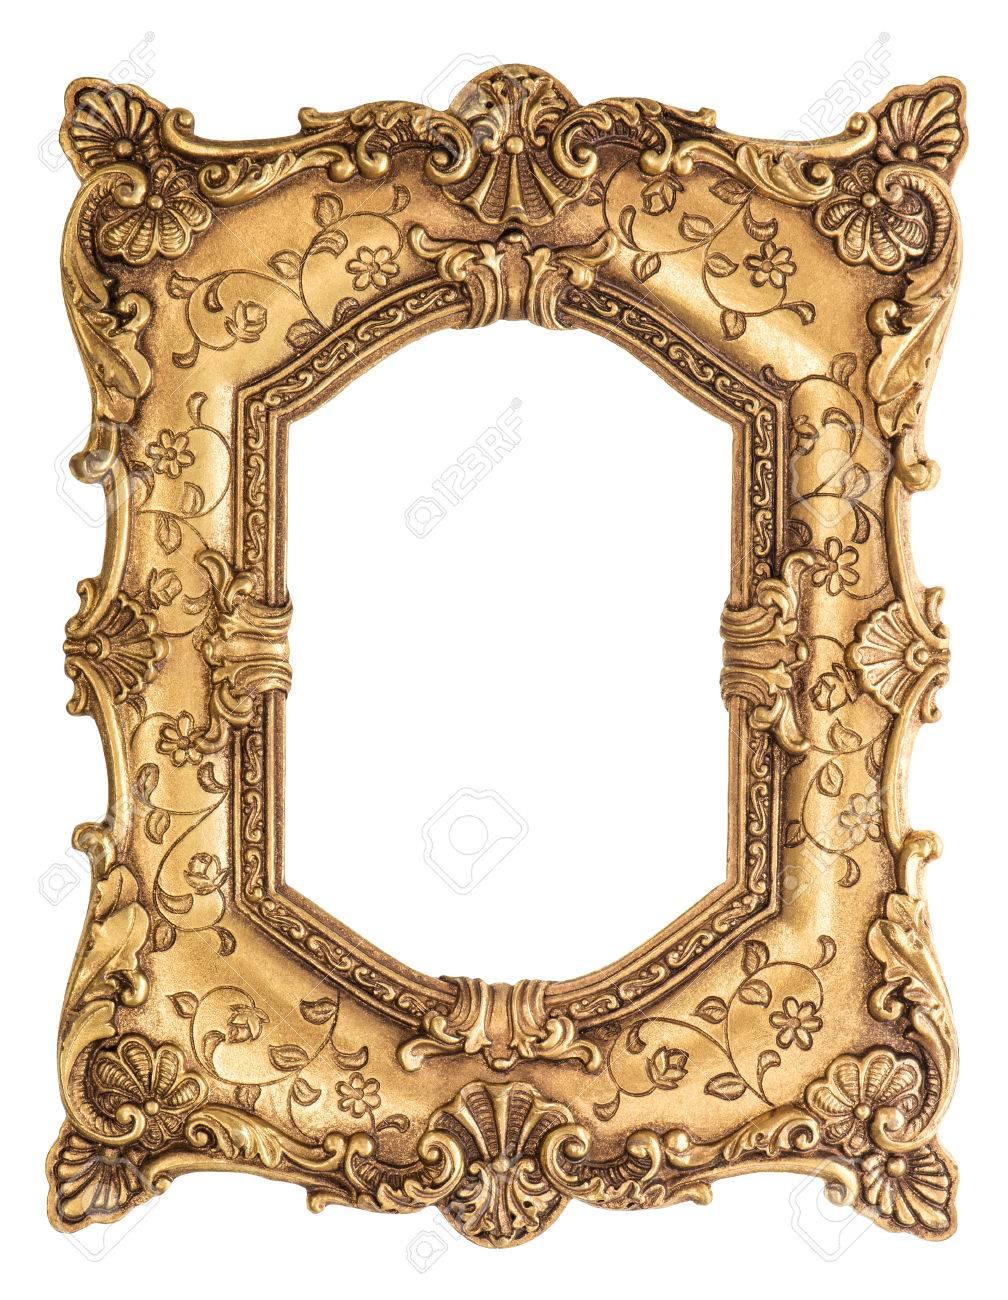 Goldener Rahmen Auf Weißem Hintergrund. Barock-Stil Antike Objekt ...